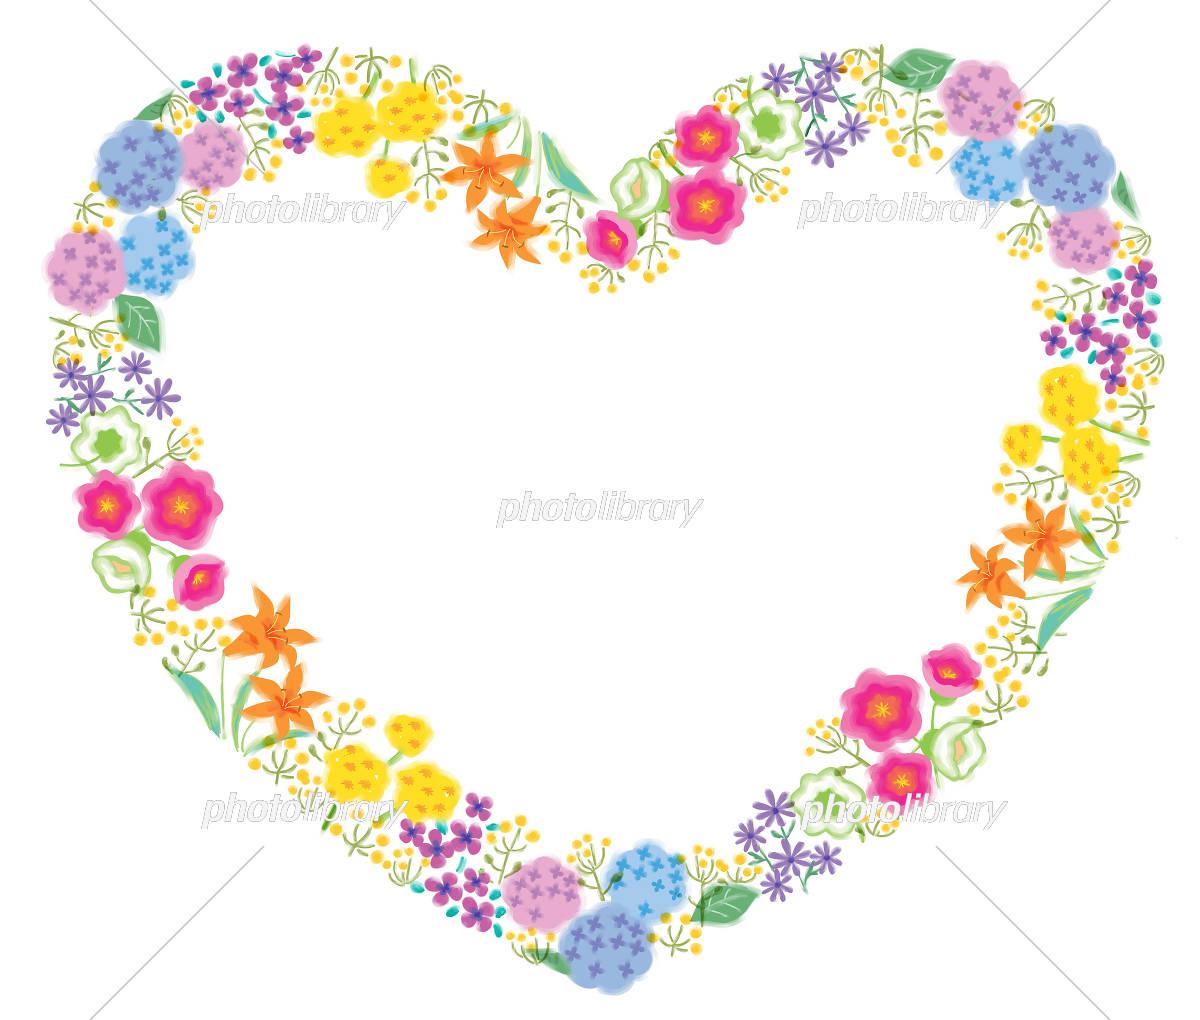 花 枠 フラワー ハート フレーム イラスト イラスト素材 [ 3065598